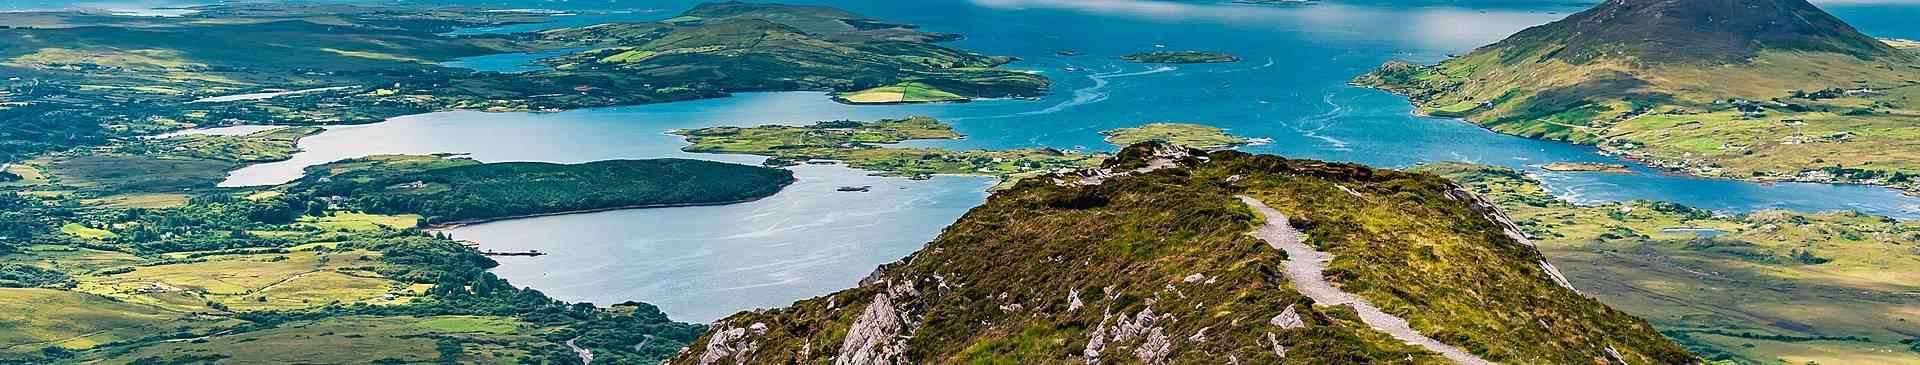 Naturreisen Irland